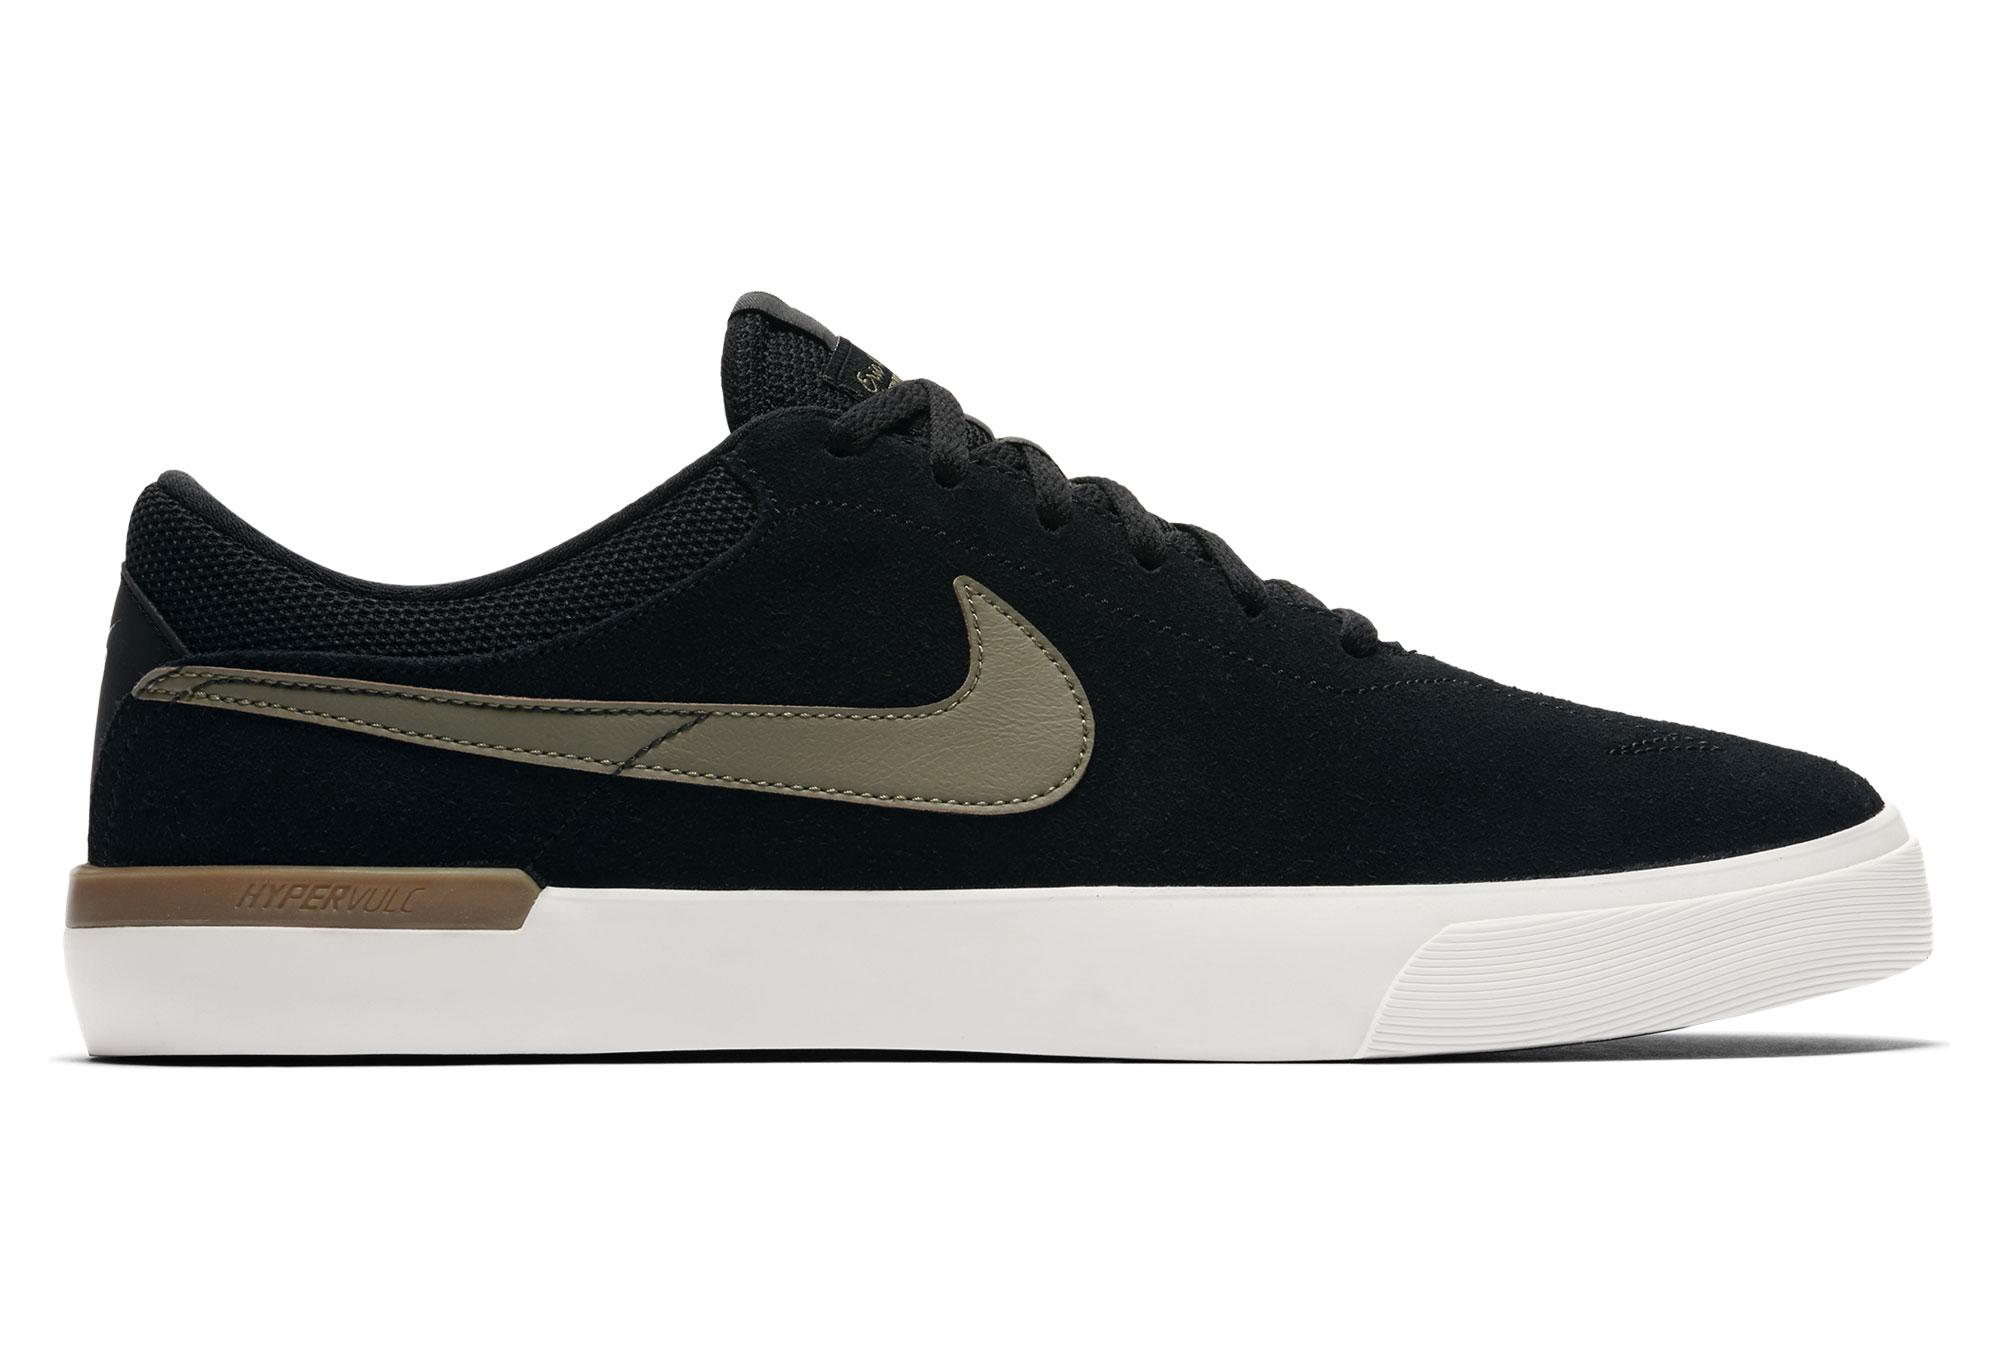 7b026fb47454 Nike SB Hypervulc Eric Koston Shoes Black Green